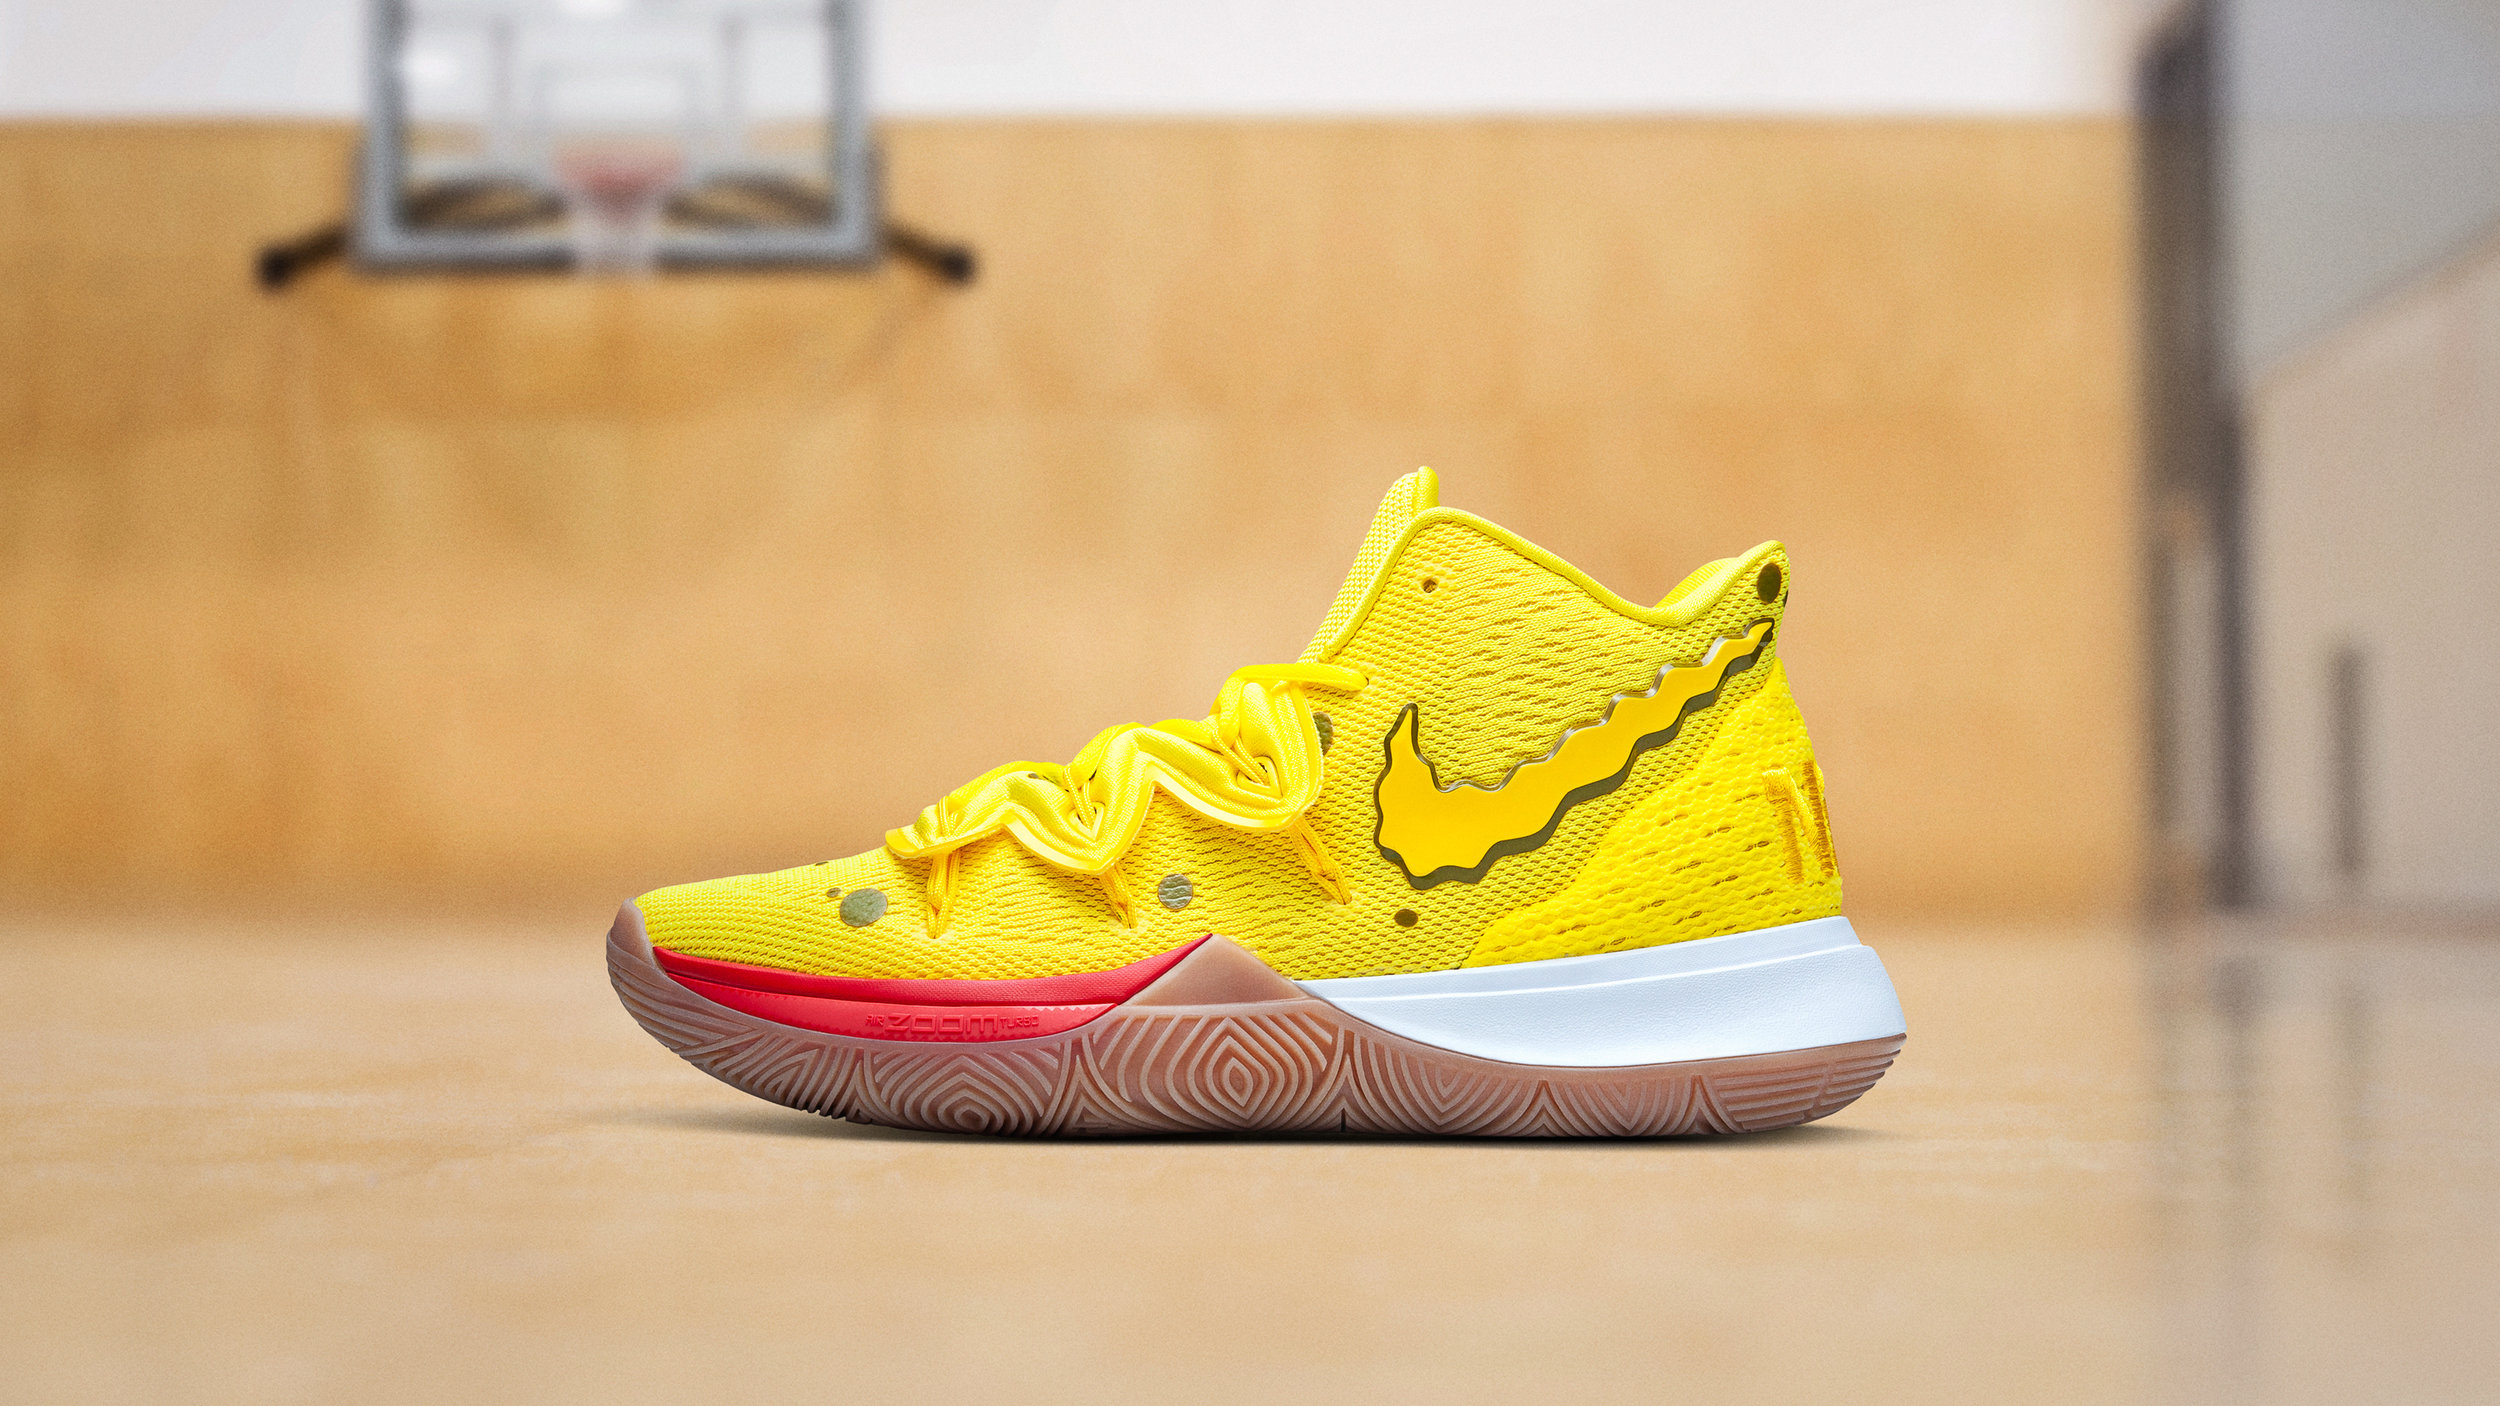 NikeNews_NikeBasketball_Kyrie_Spongebob_DSC_8071_1_89216.jpg